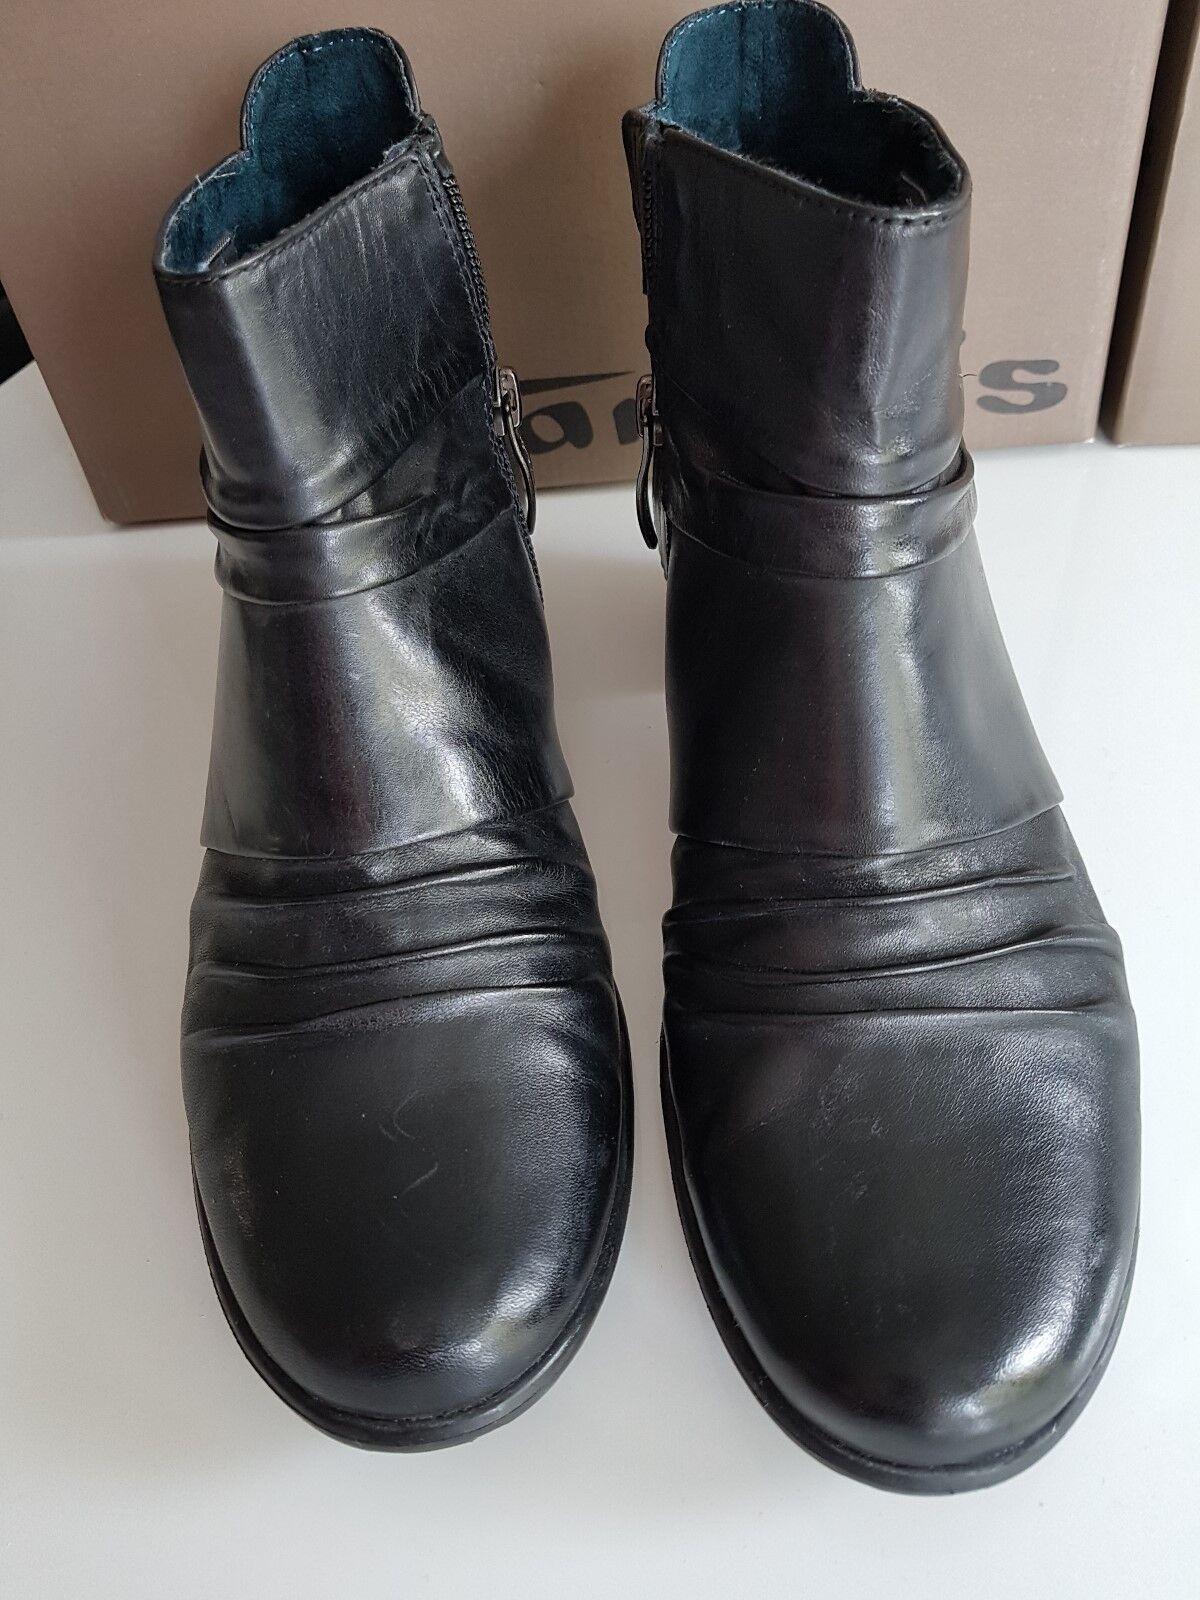 Tamaris Damen Damen Tamaris Schuhe Stiefeletten schwarz Anti shokk 38 wie NEU 9def64